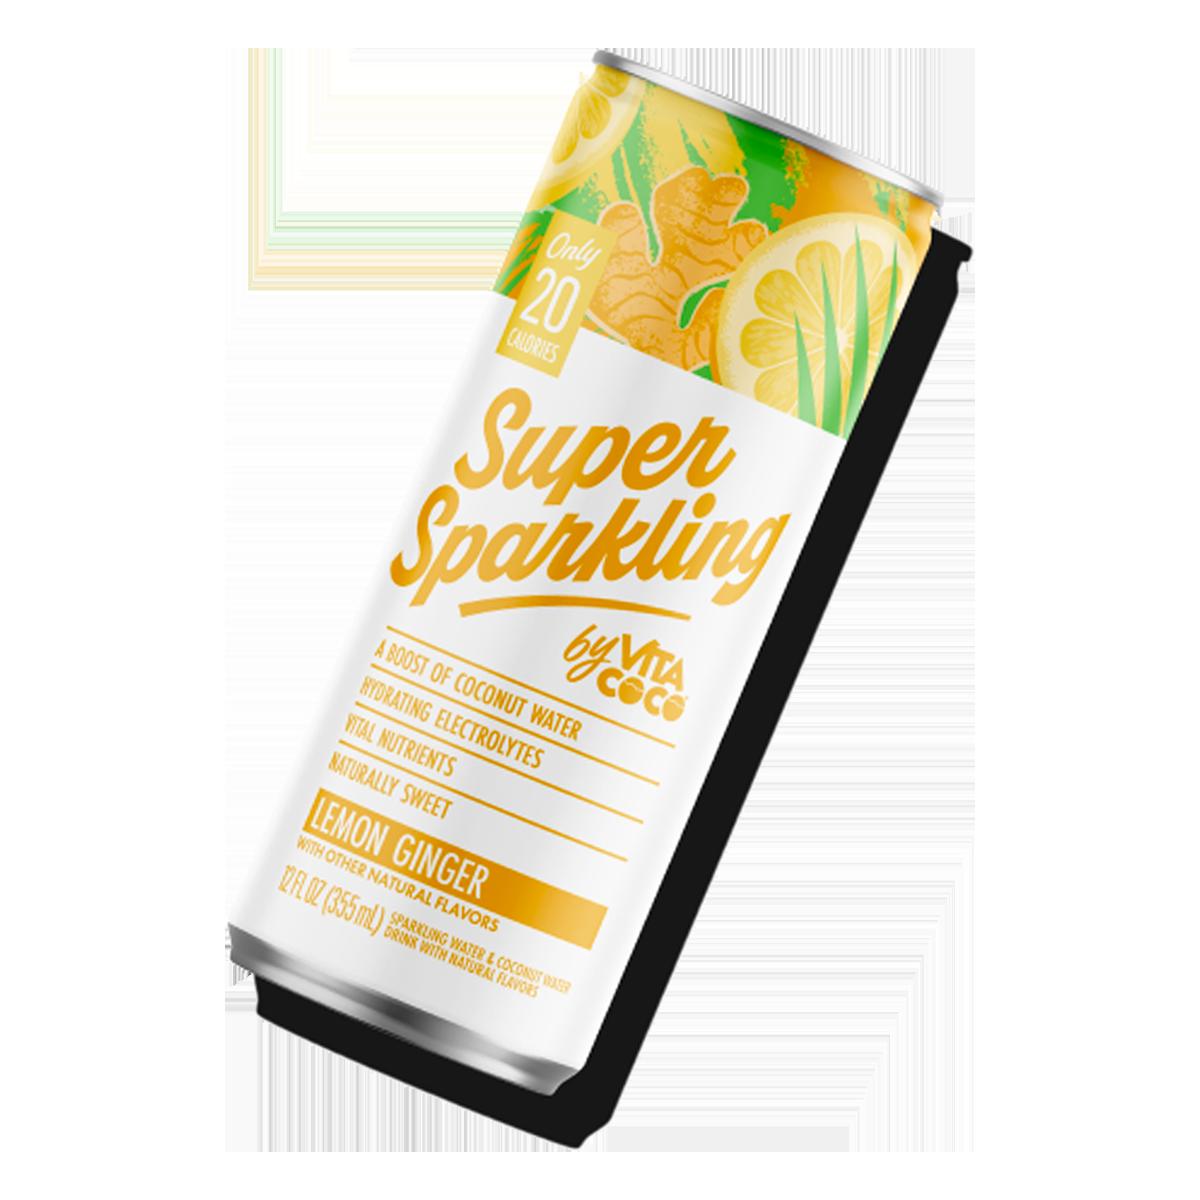 Super Sparkling™